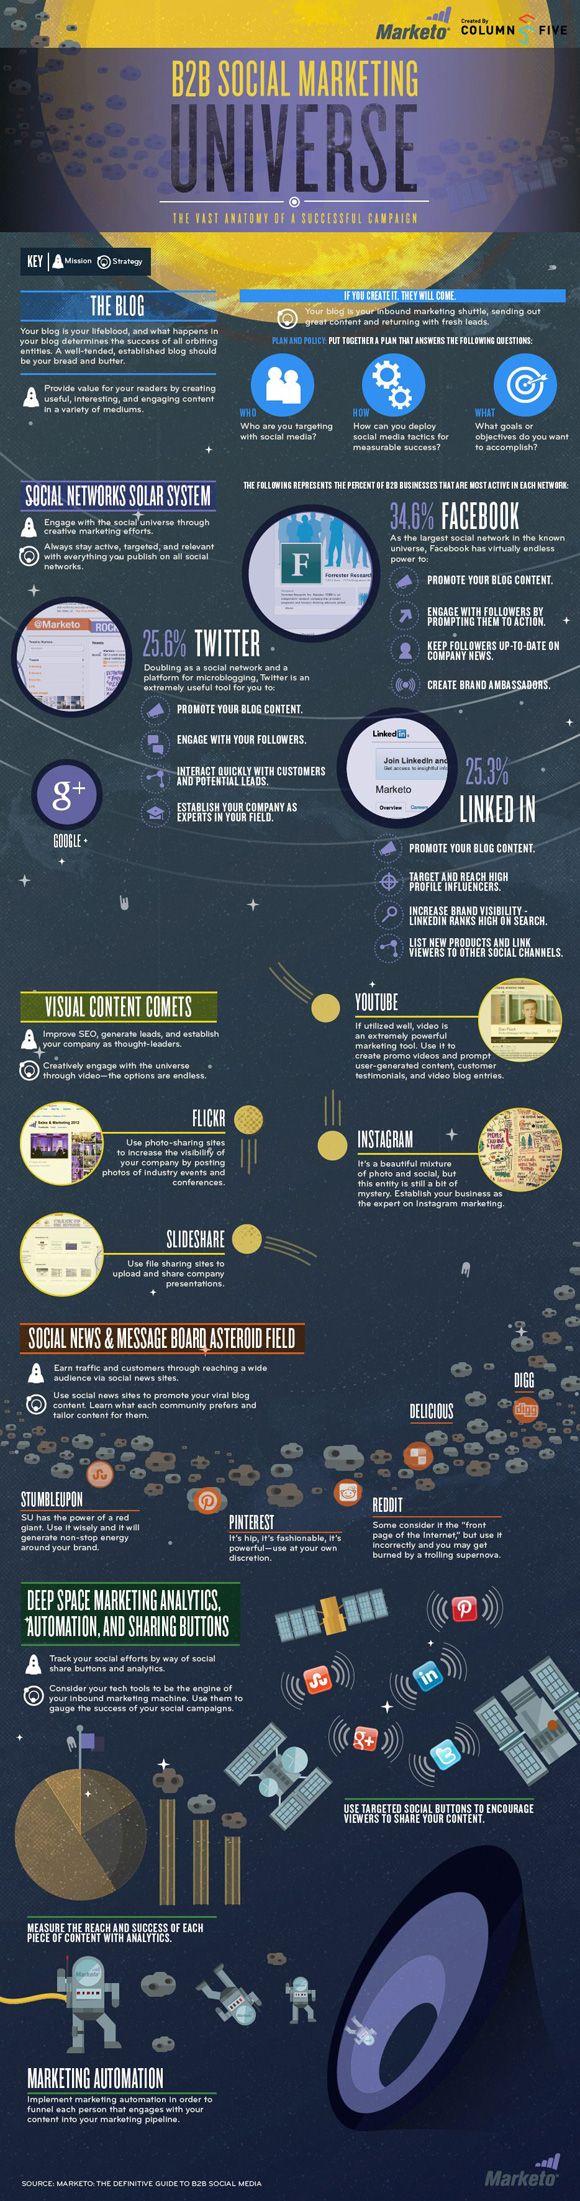 De belangrijkste planeten van het Social Media universum [infographic]  Het social media universum wordt steeds complexer en is nog steeds volop in beweging. Planeten ontstaan (Pinterest) en sterren imploderen (MySpace). De vergelijking van het social media landschap met een sterrenstelsel is wellicht een beetje vergezocht, maar de analogie is er wel degelijk. Dat dachten de mensen van Marketo waarschijnlijk ook toen ze onderstaande infographic maakten die de belangrijkste planeten van het…